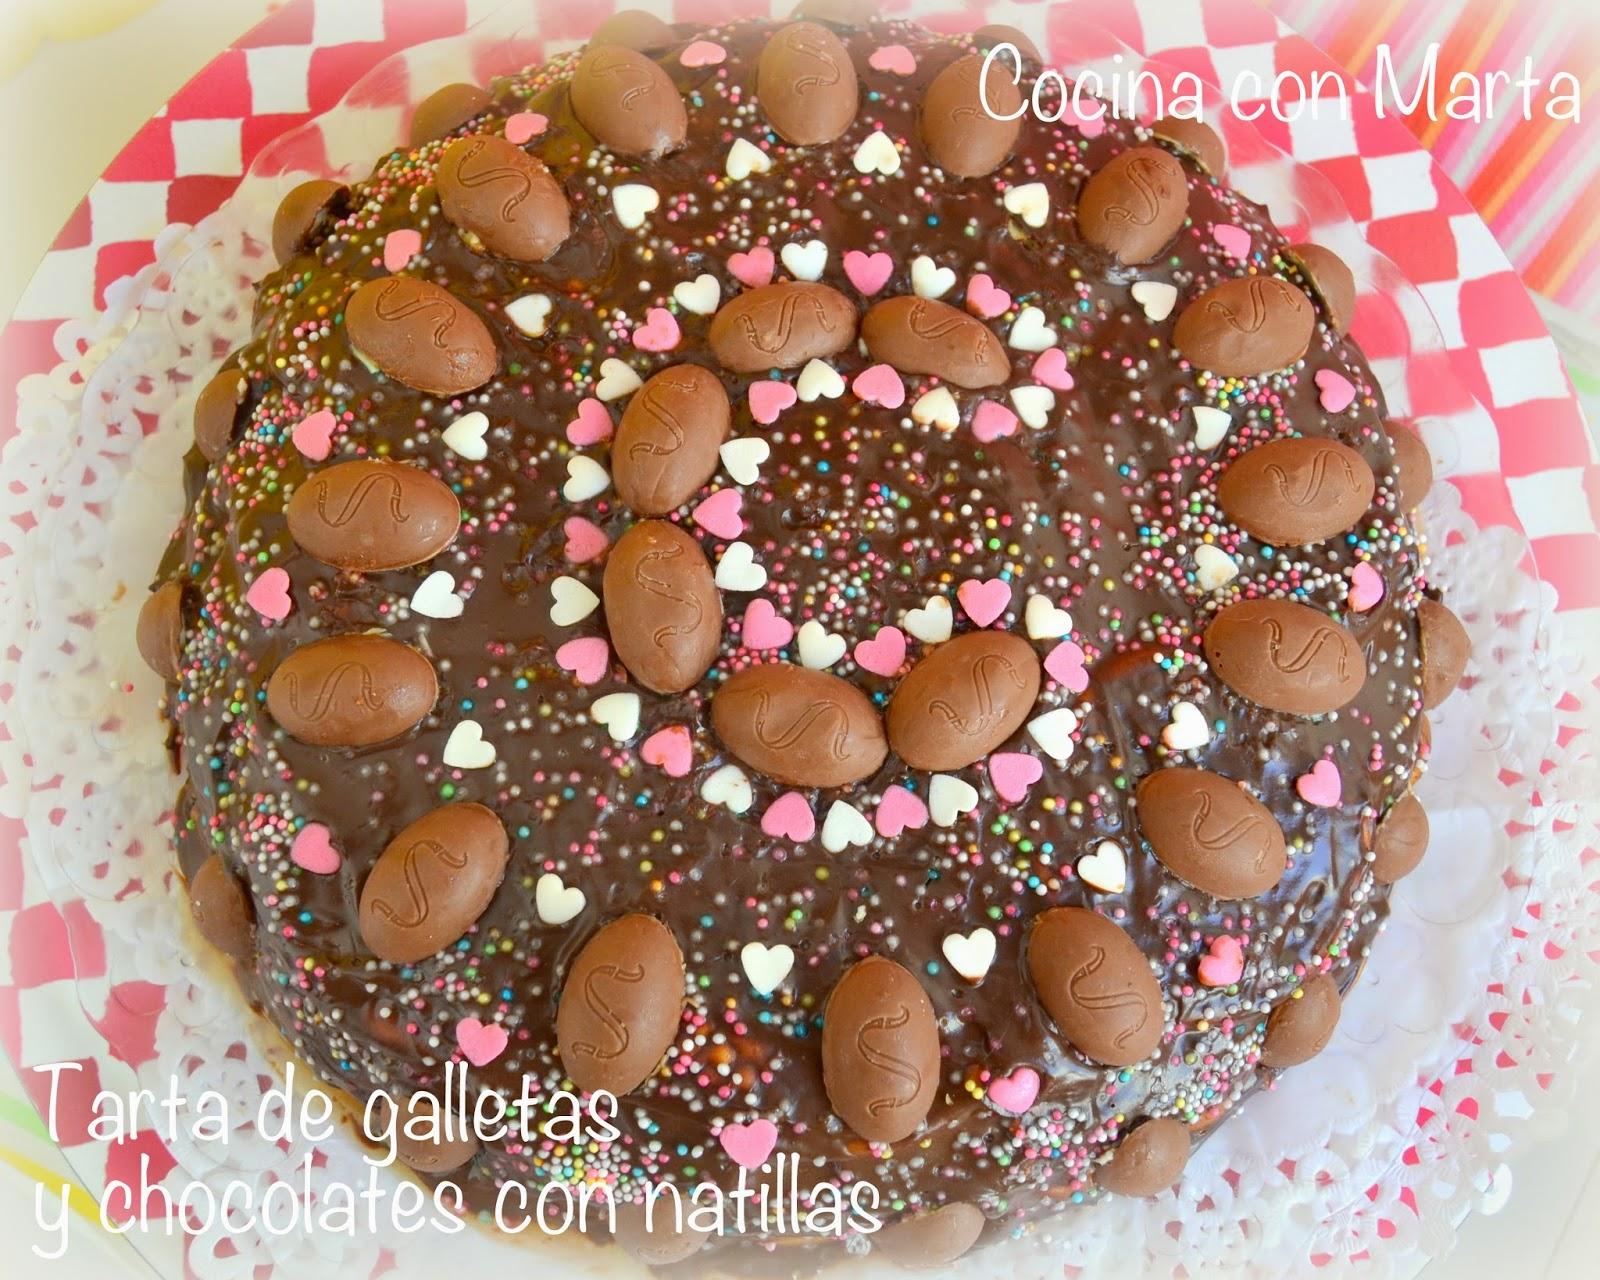 tarta de galletas y chocolate con natillas casera rpida fcil recetas para